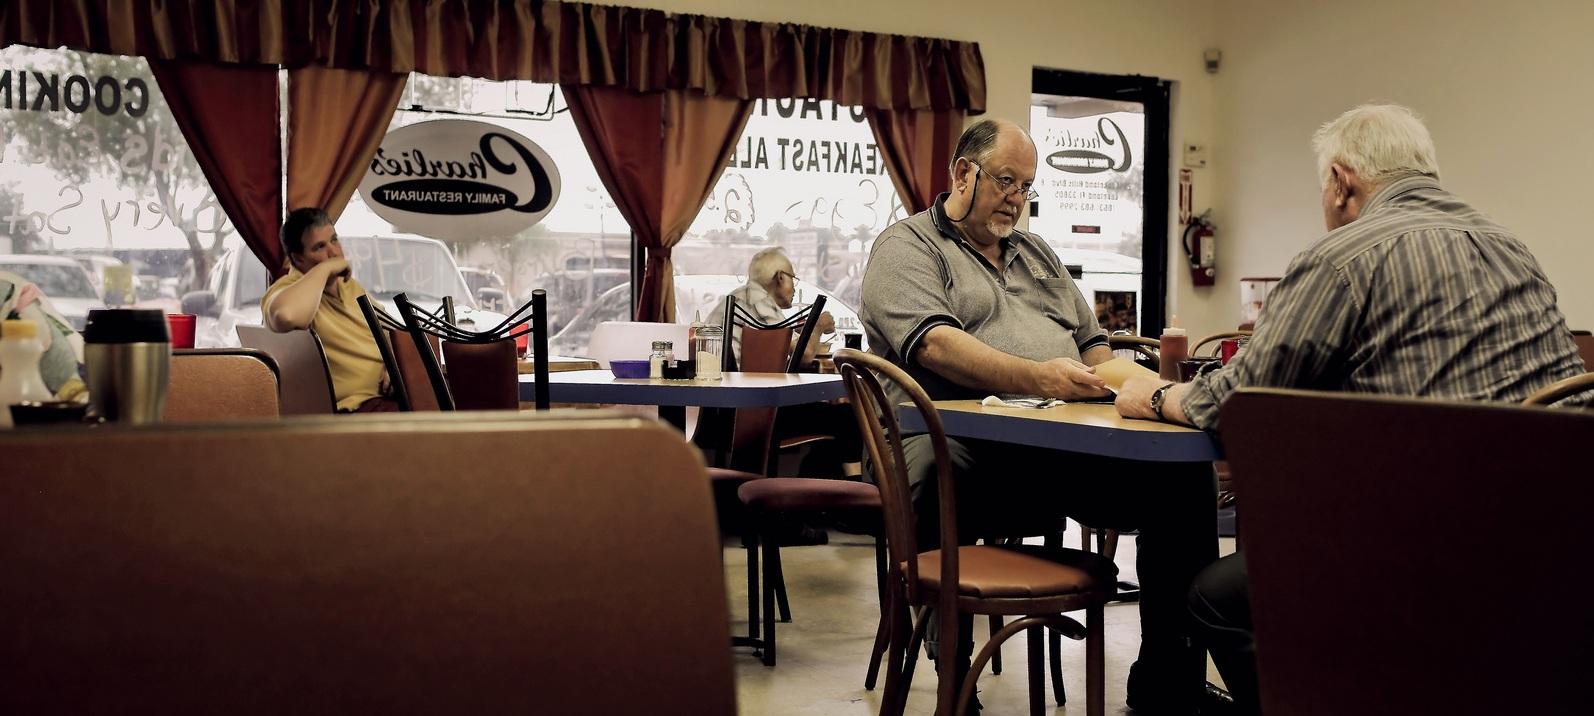 Charlie's Family Restaurant by Andrew Mohrer